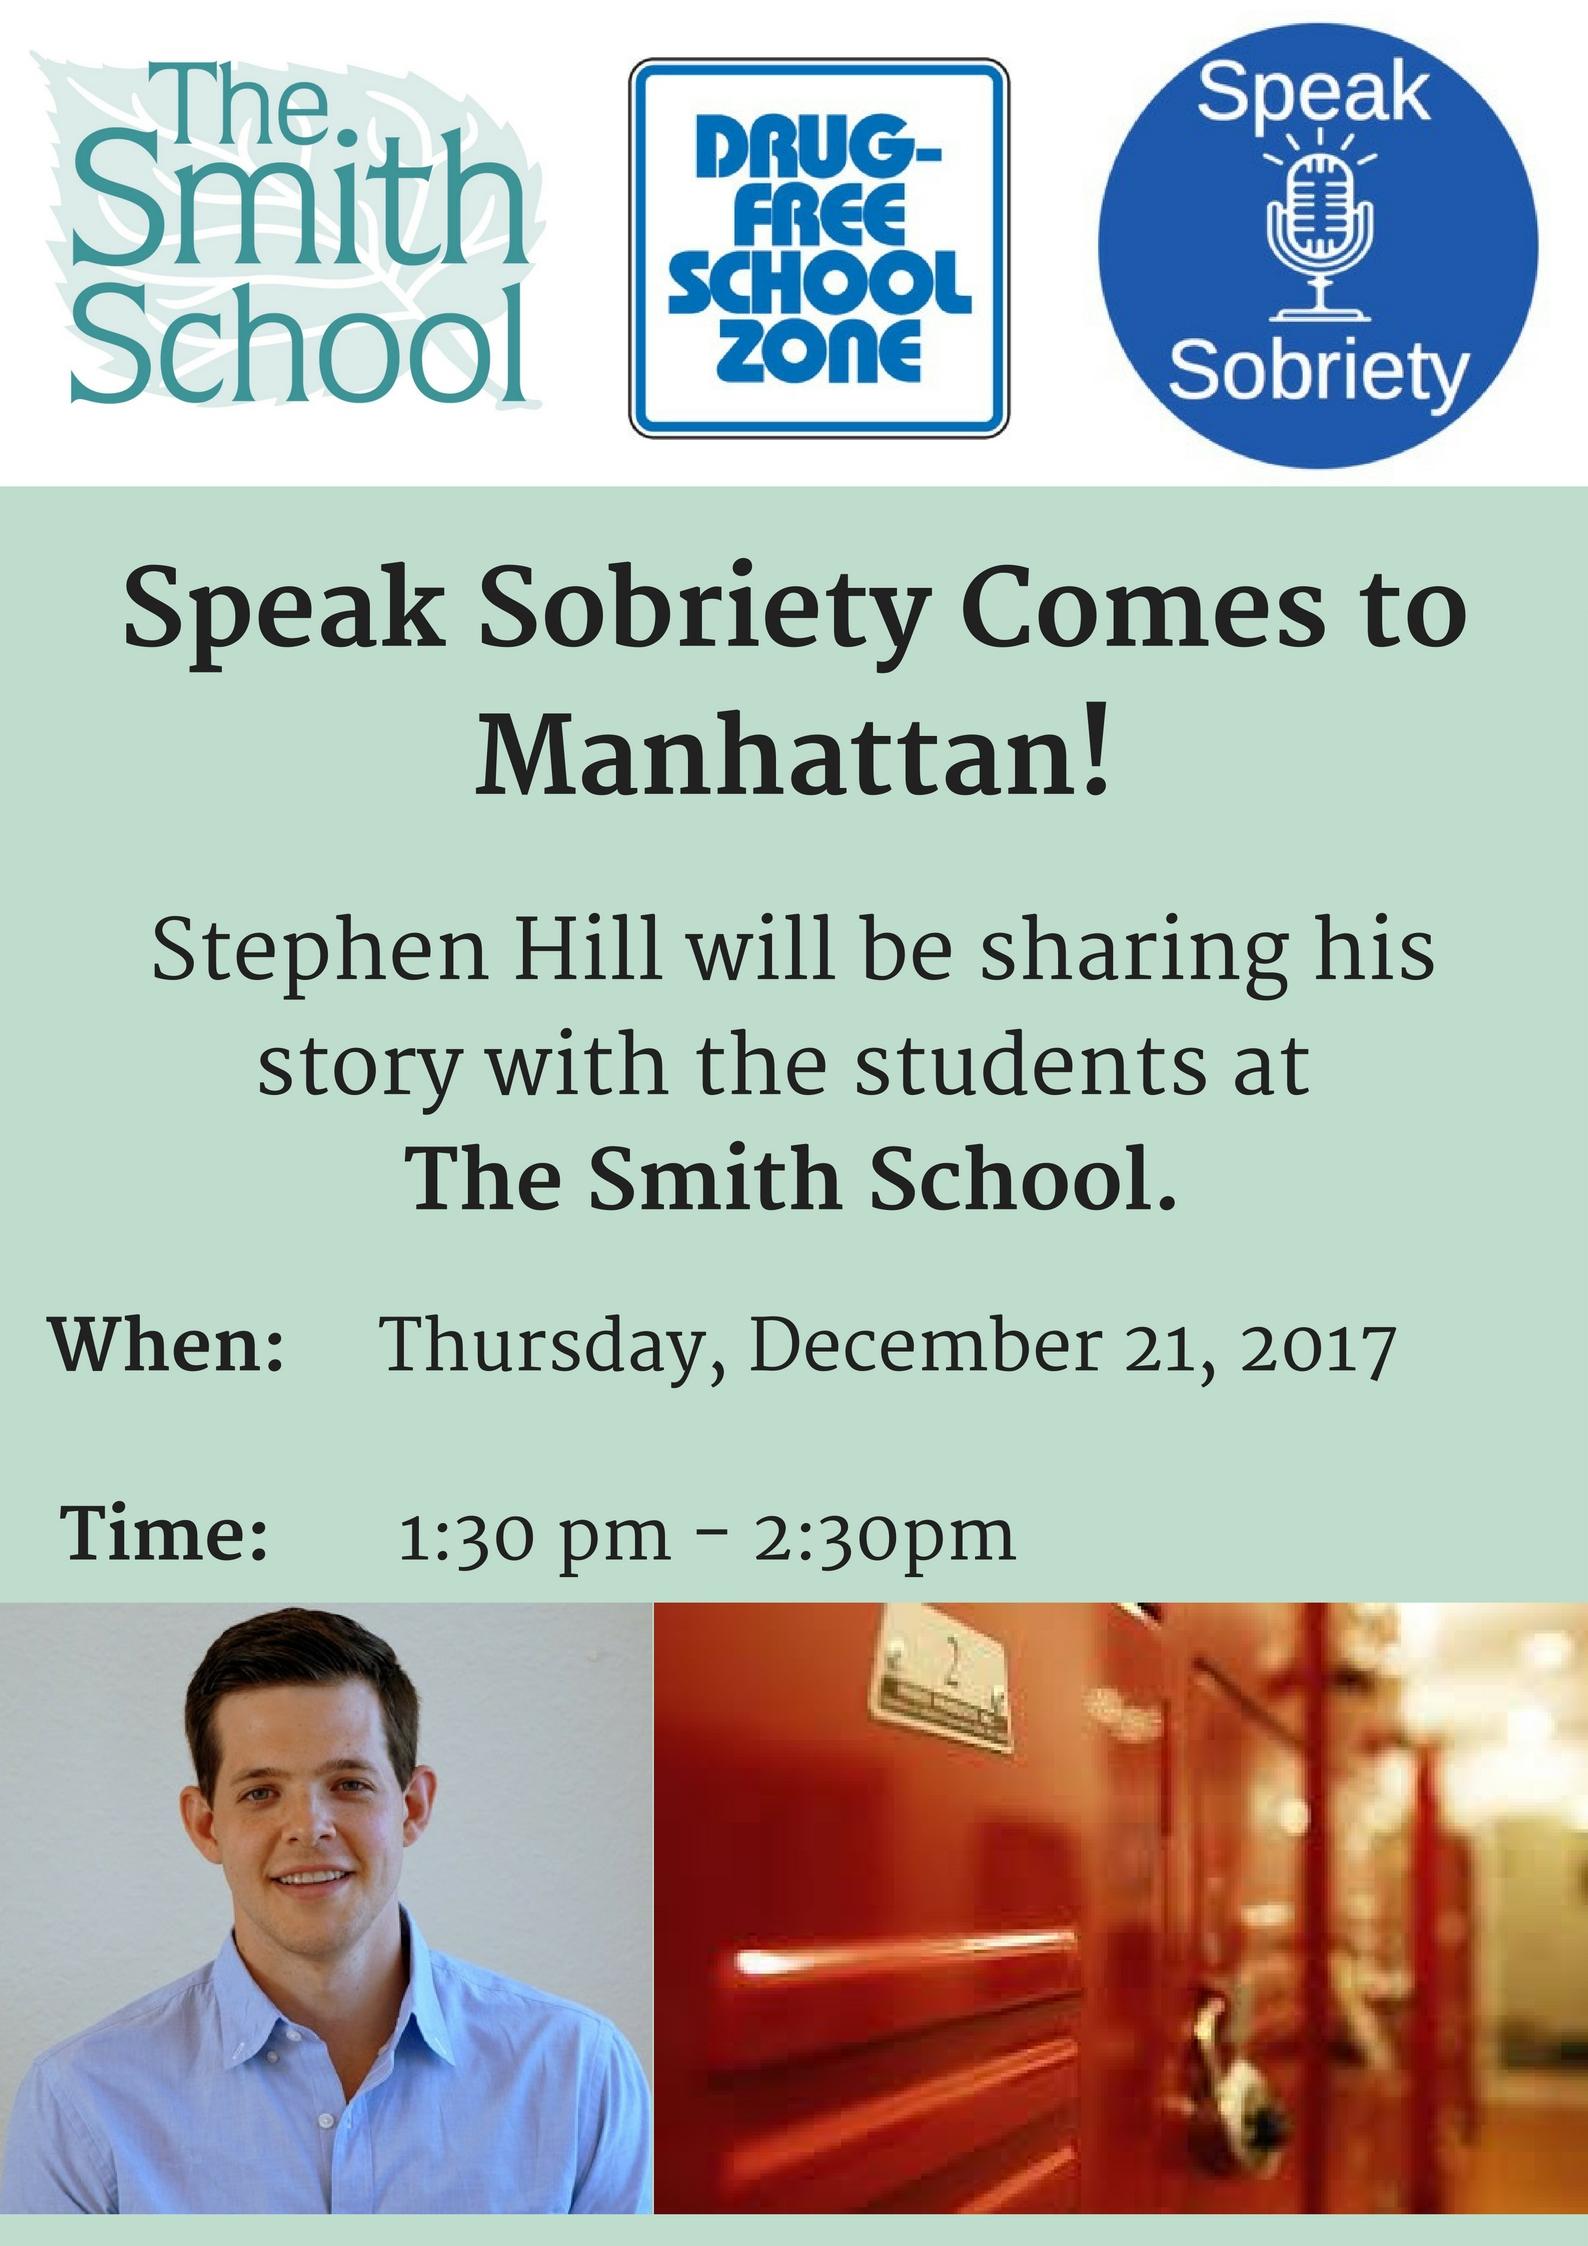 Speak Sobriety Comes to Manhattan!